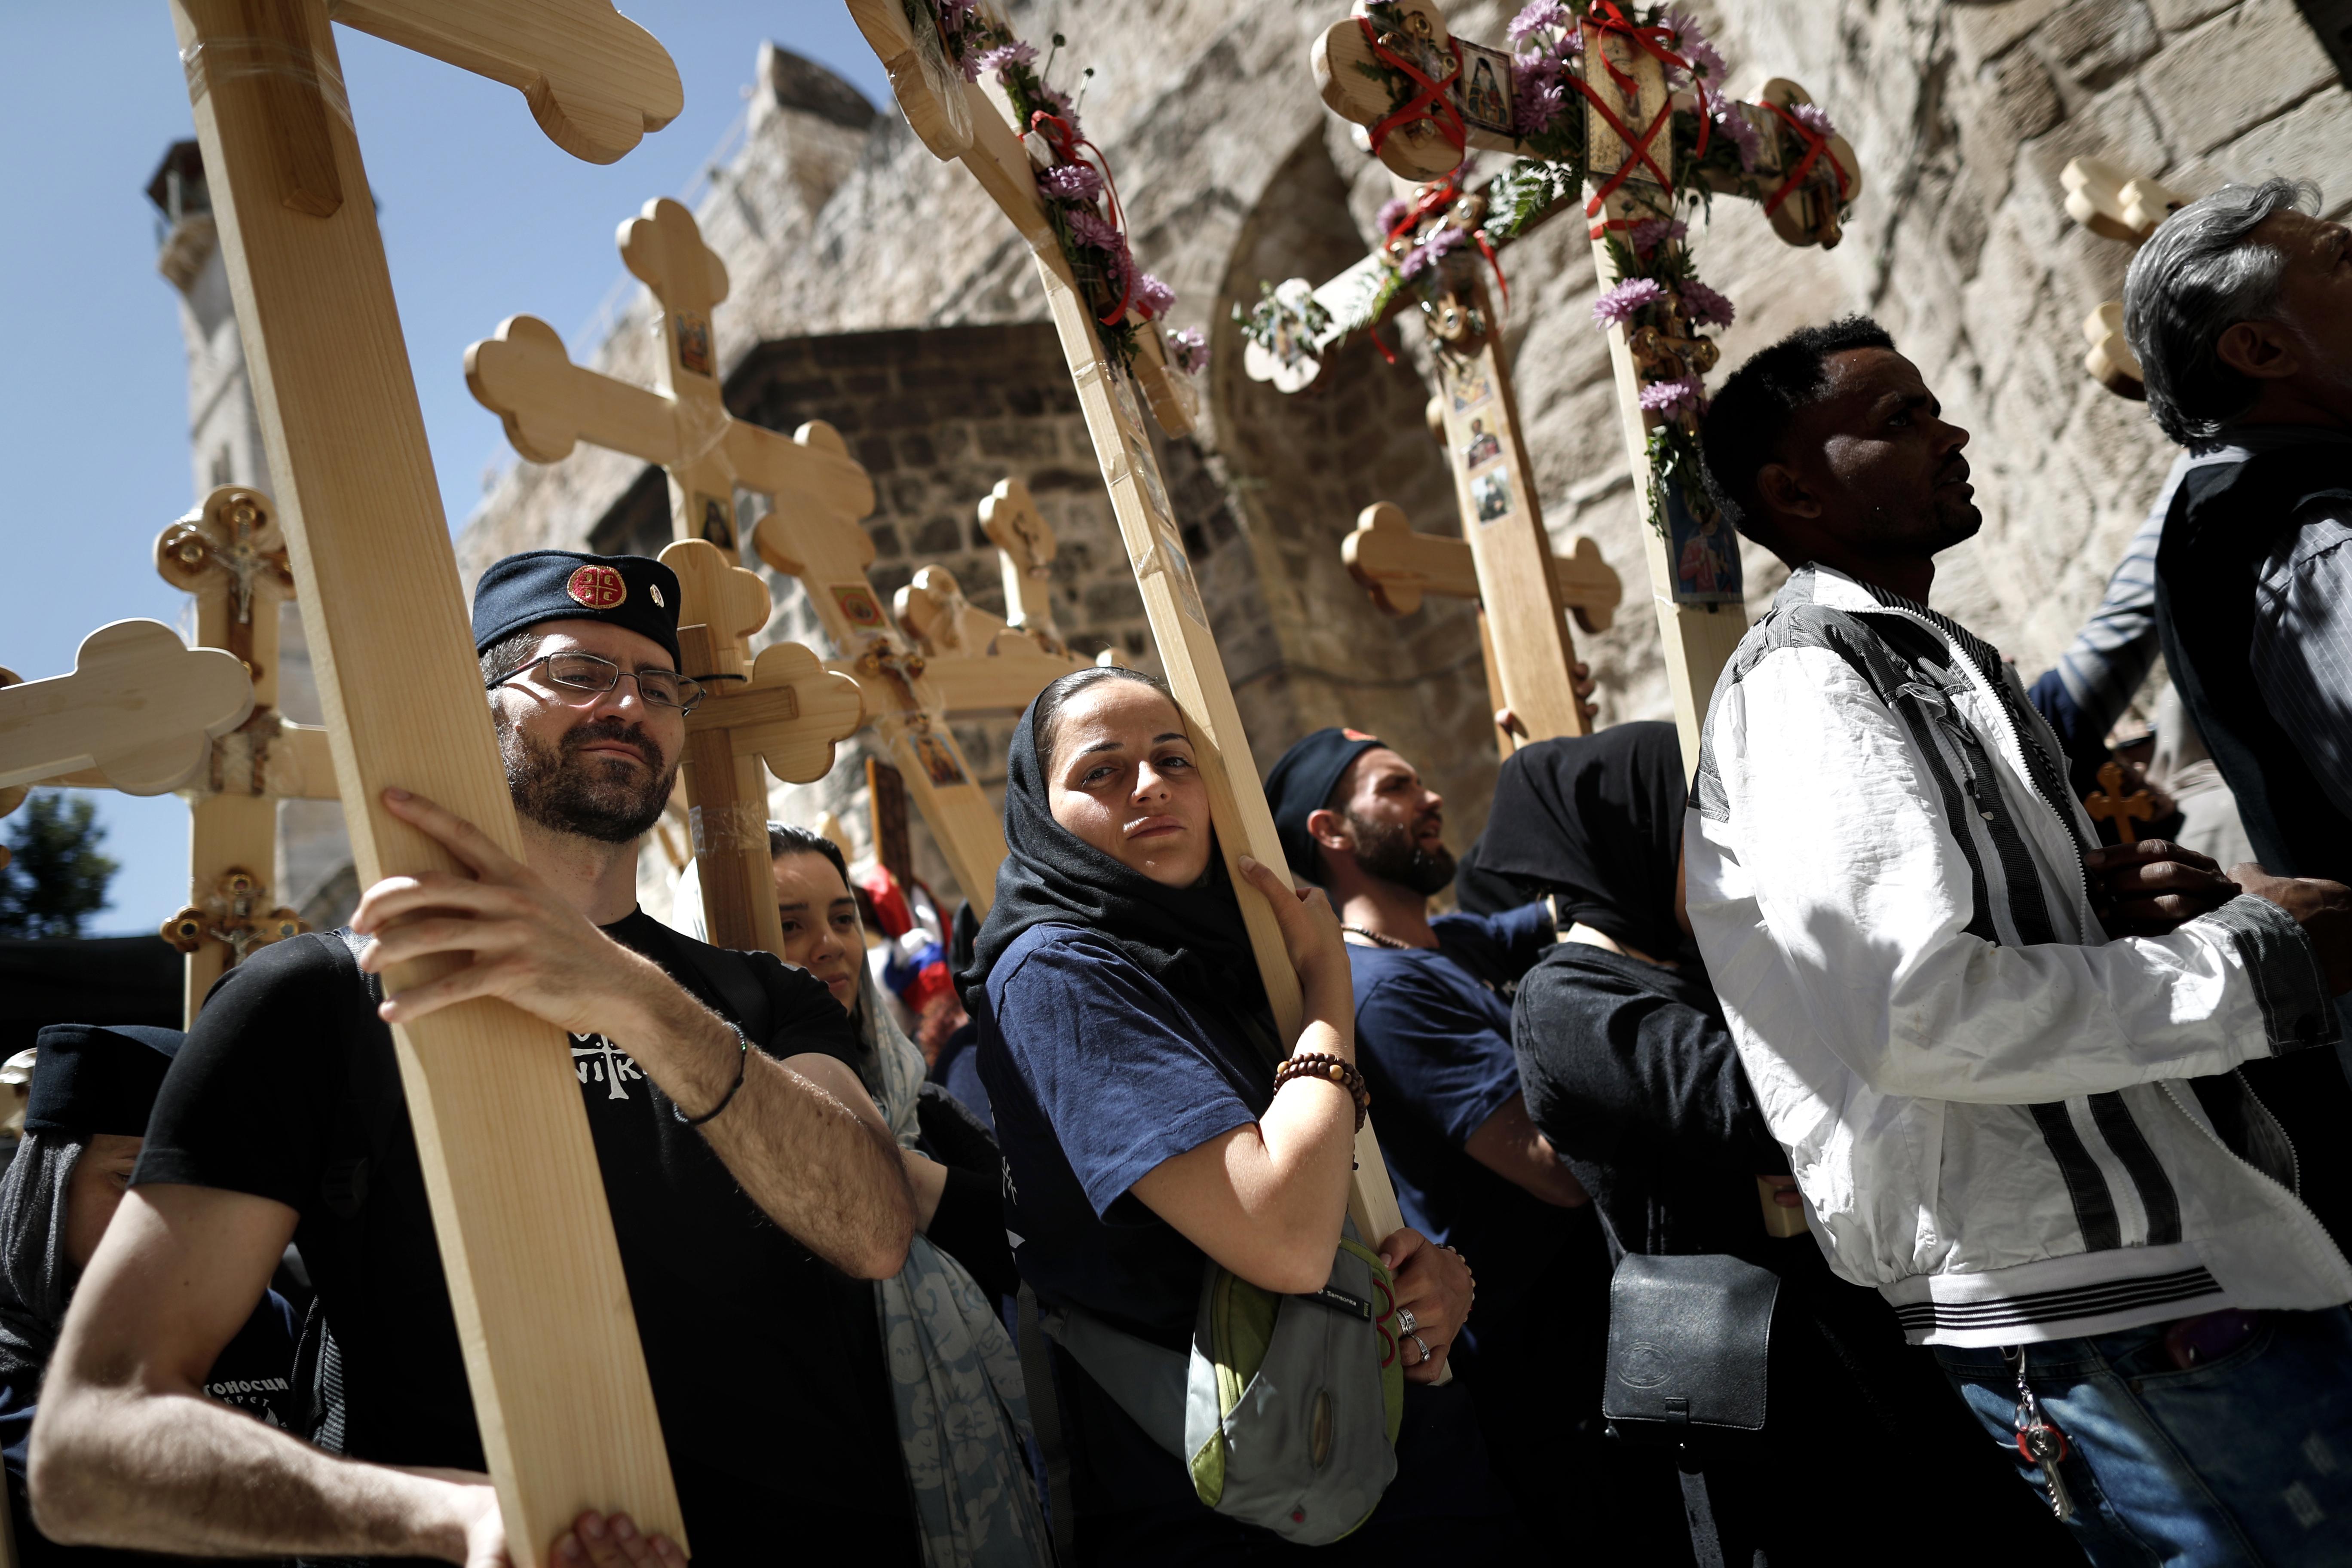 مسيحيون يحملون الصلبان في درب الآلام في مدينة القدس.